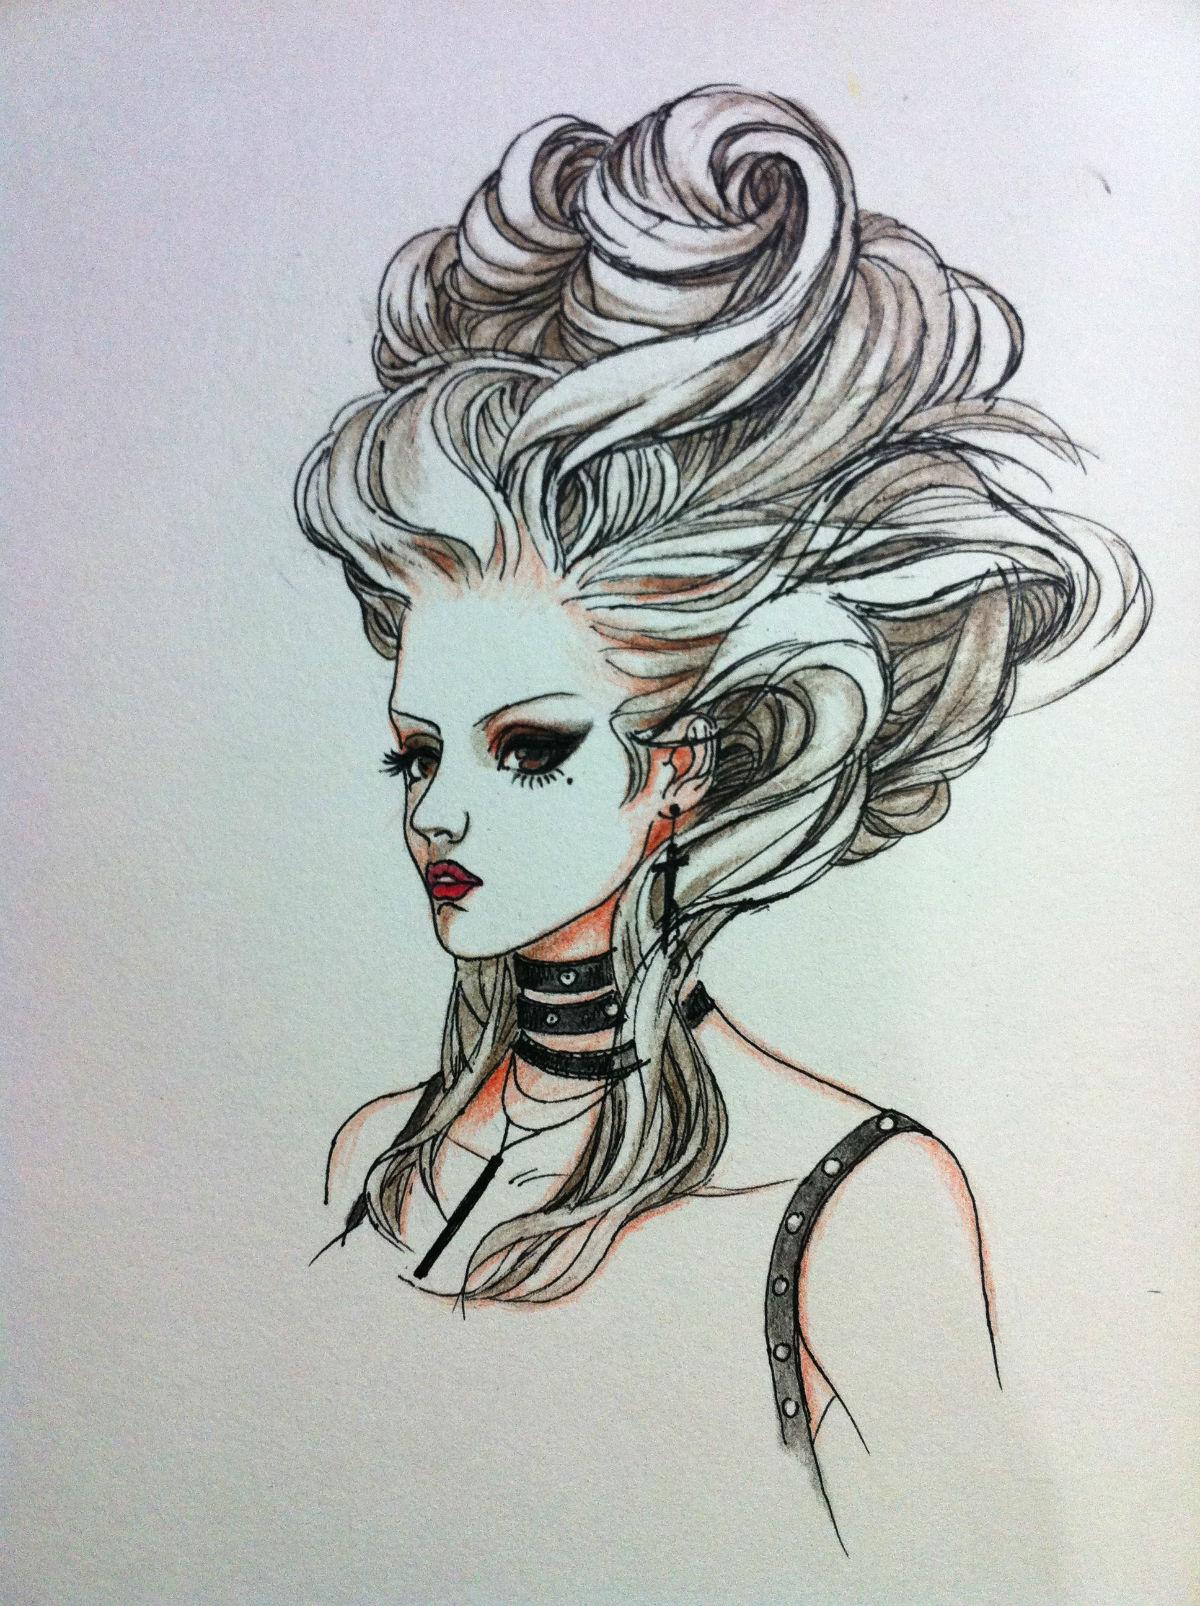 手绘头发材质贴图分享展示图片图片